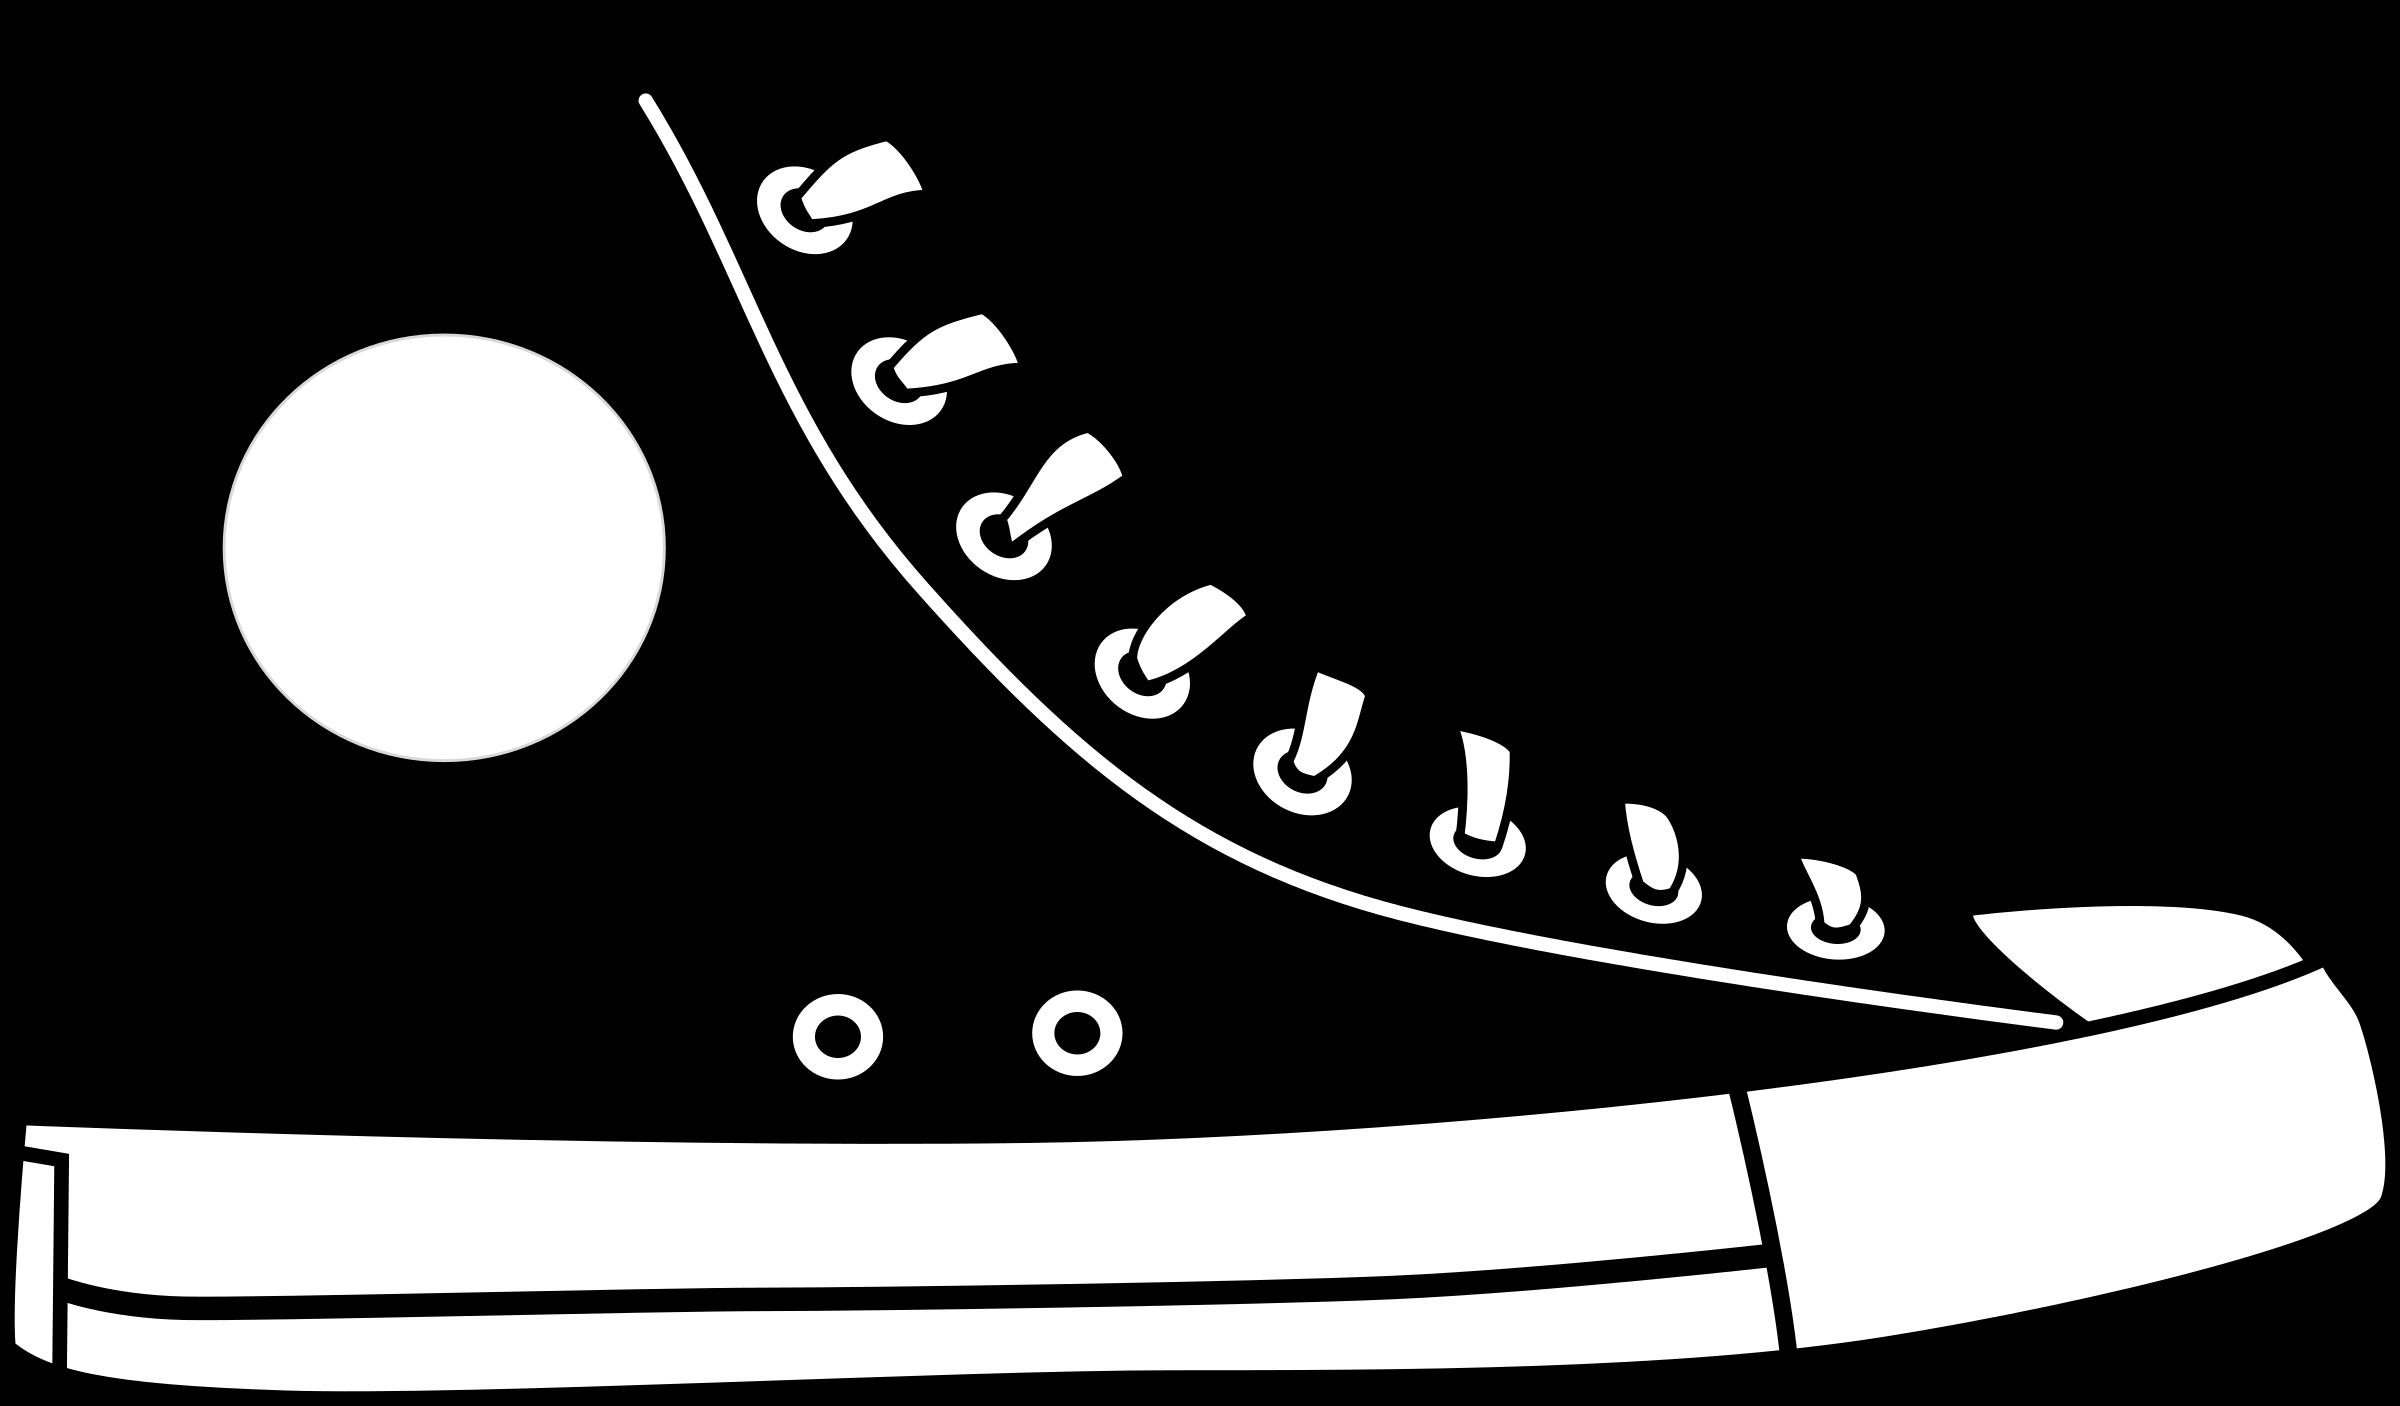 Big clipart big shoe. Image png